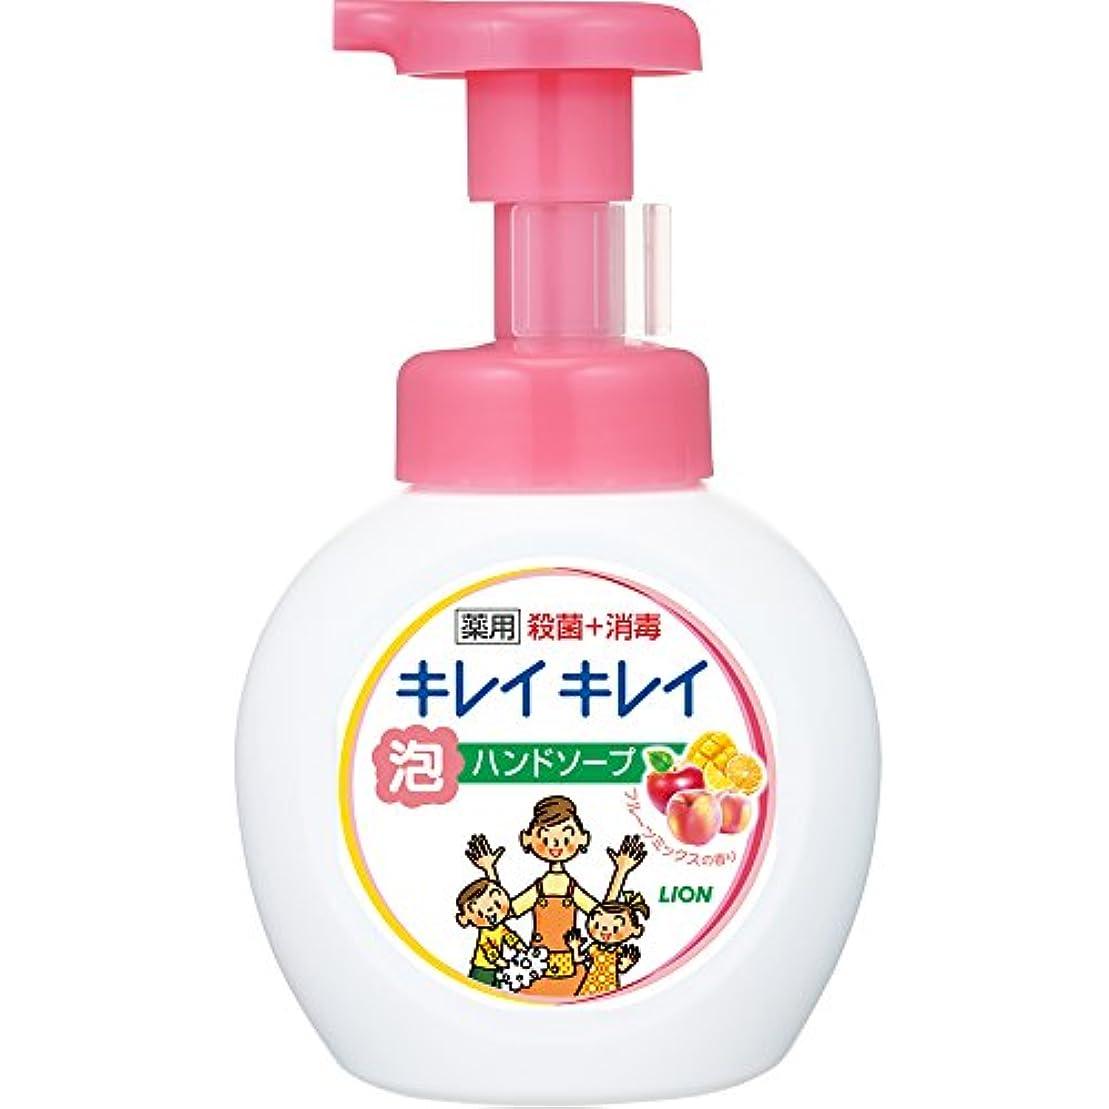 ウナギ突進財布キレイキレイ 薬用 泡ハンドソープ フルーツミックスの香り ポンプ 250ml(医薬部外品)